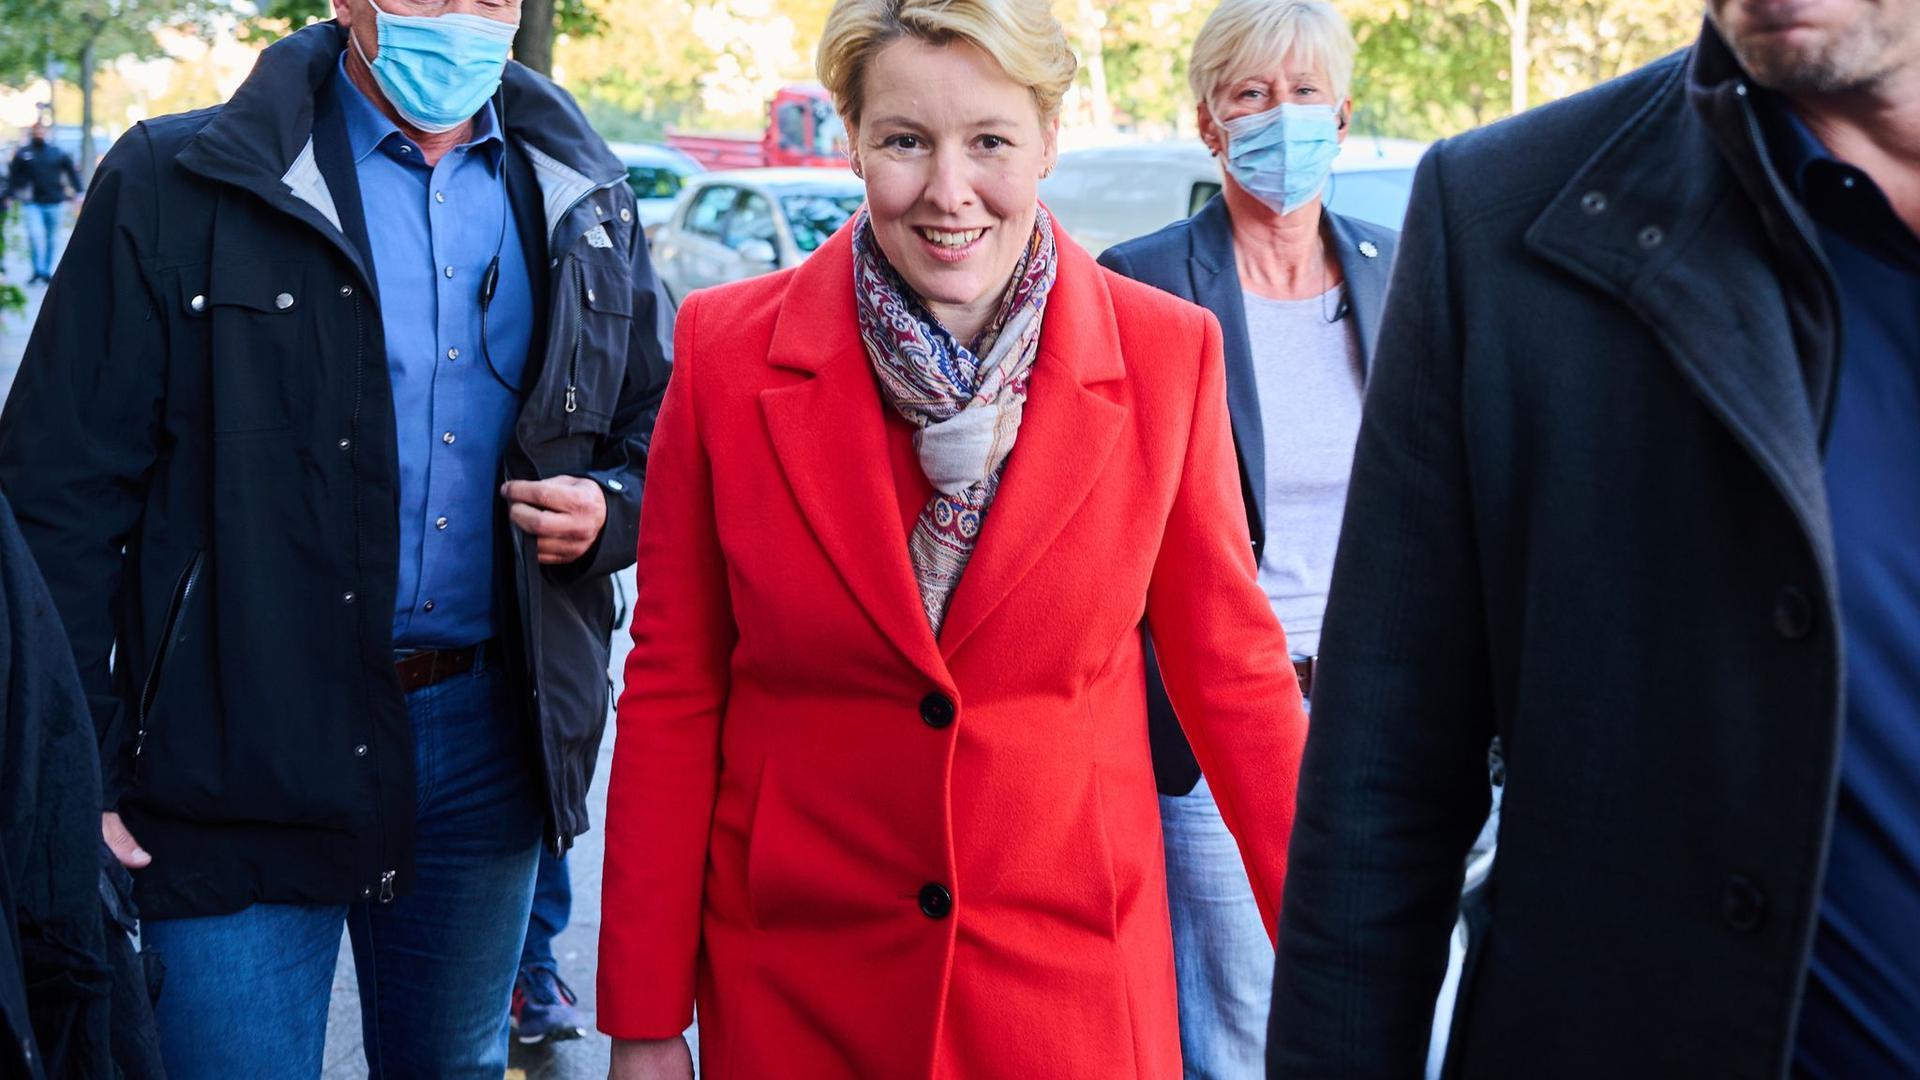 Franziska Giffey auf dem Weg in das Kurt-Schumacher-Haus, dem Sitz des Berliner SPD-Landesverbandes.